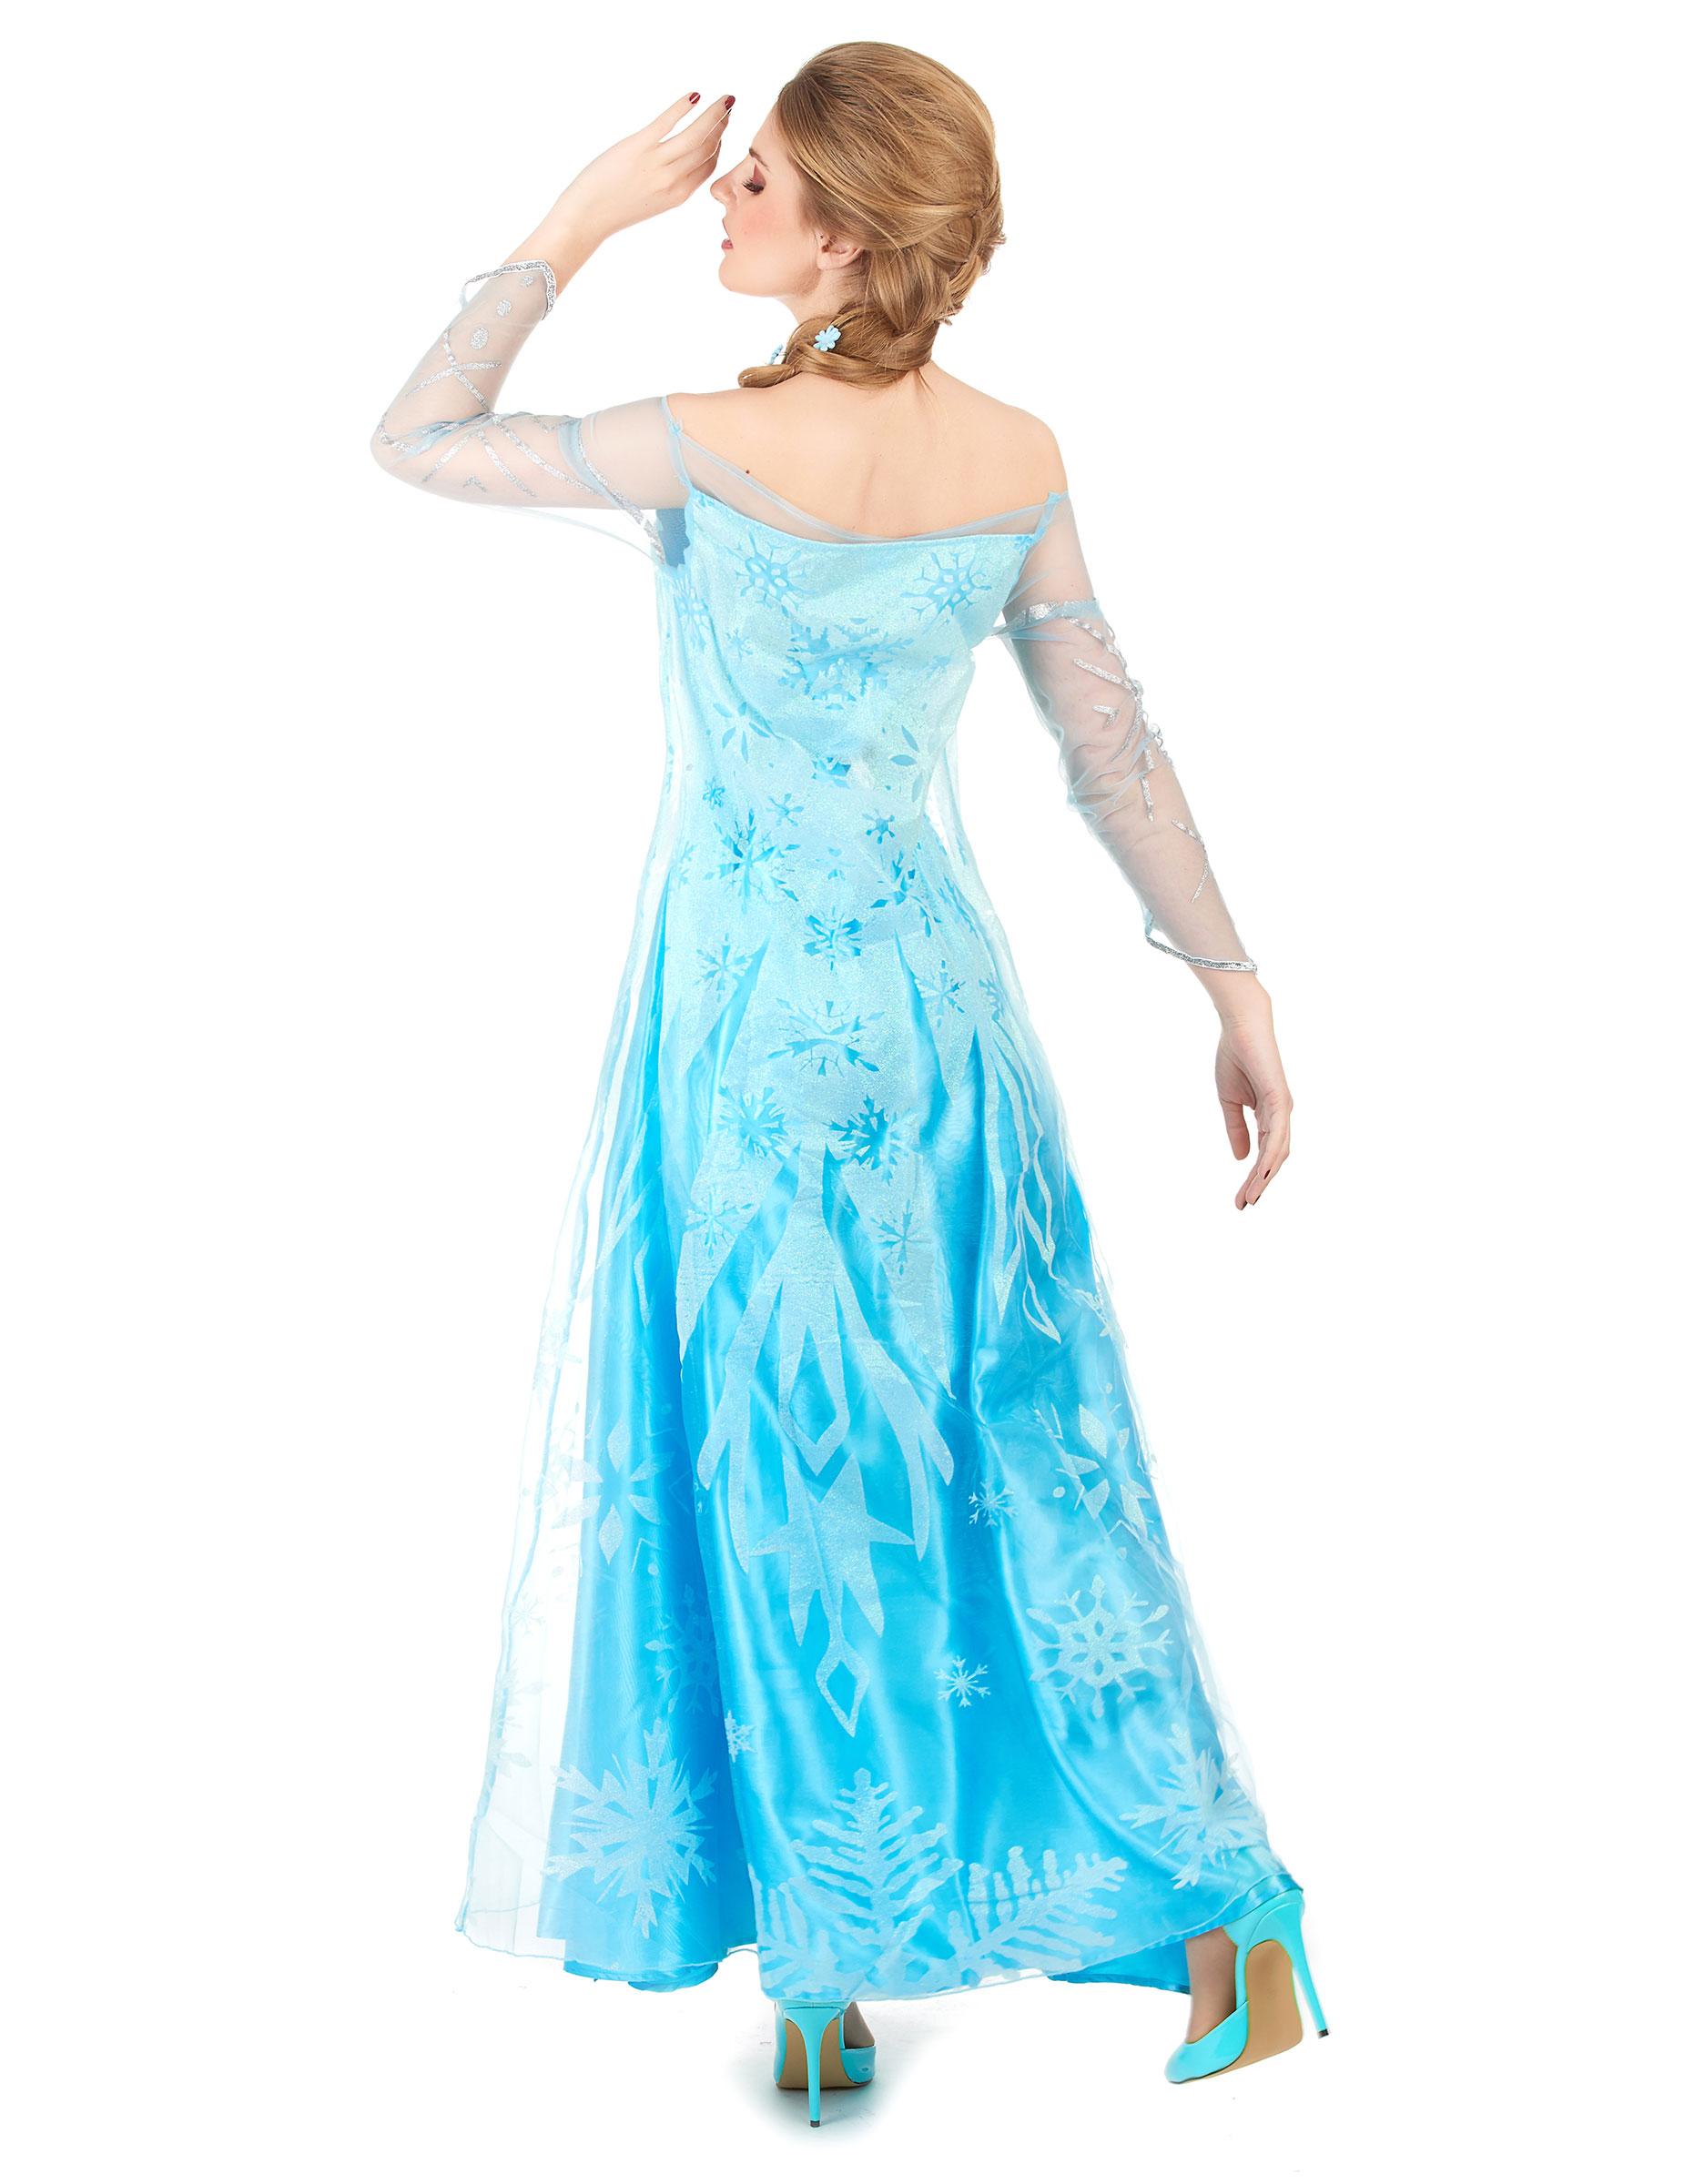 Elsa Frozen™ - utklädnad vuxen-2 b46366f058a64